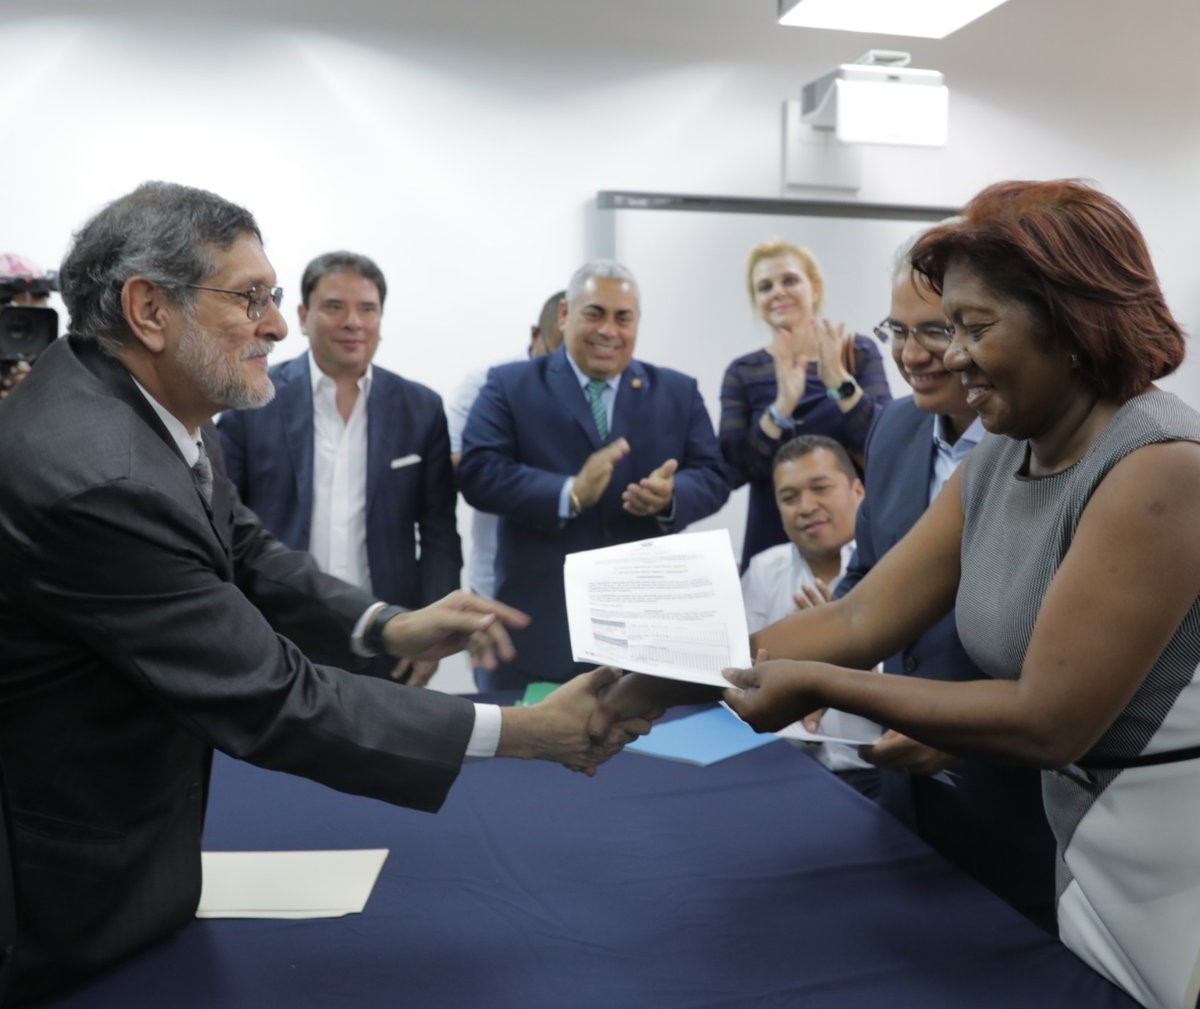 Blandón oficializa a Quijano como vicepresidenta ante el Tribunal Electoral